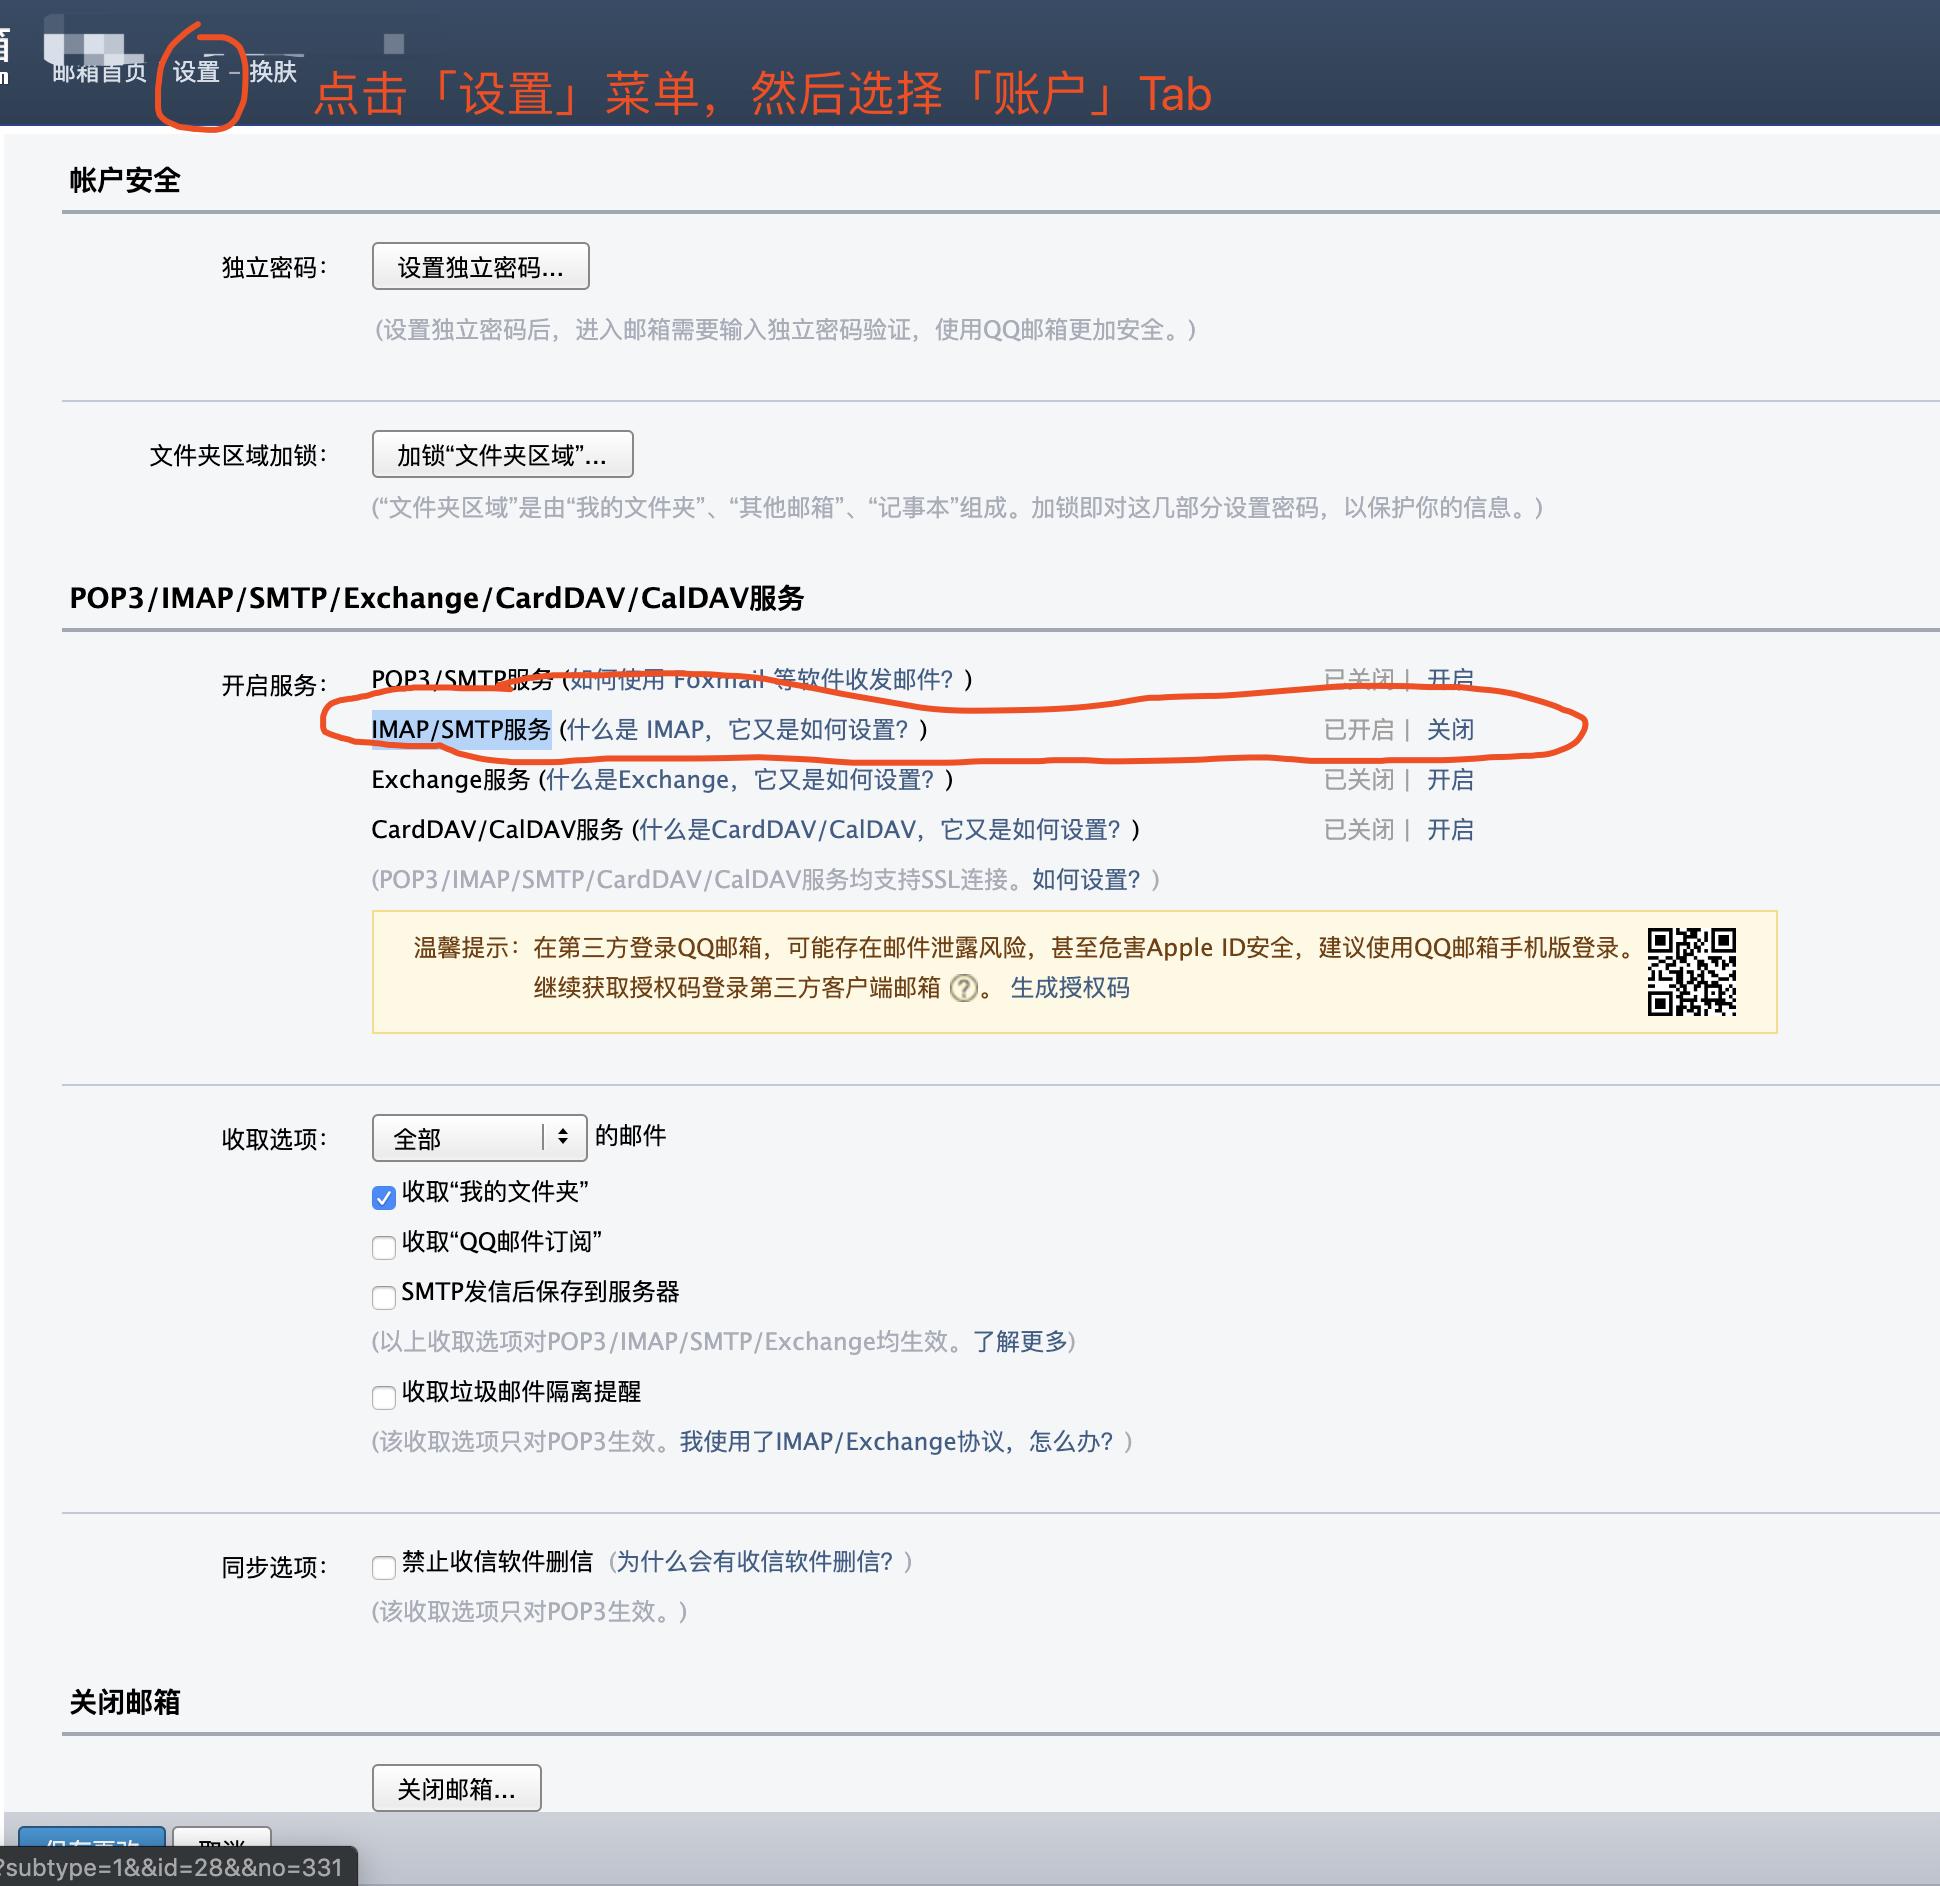 QQ 邮箱 IMAP/SMTP 服务